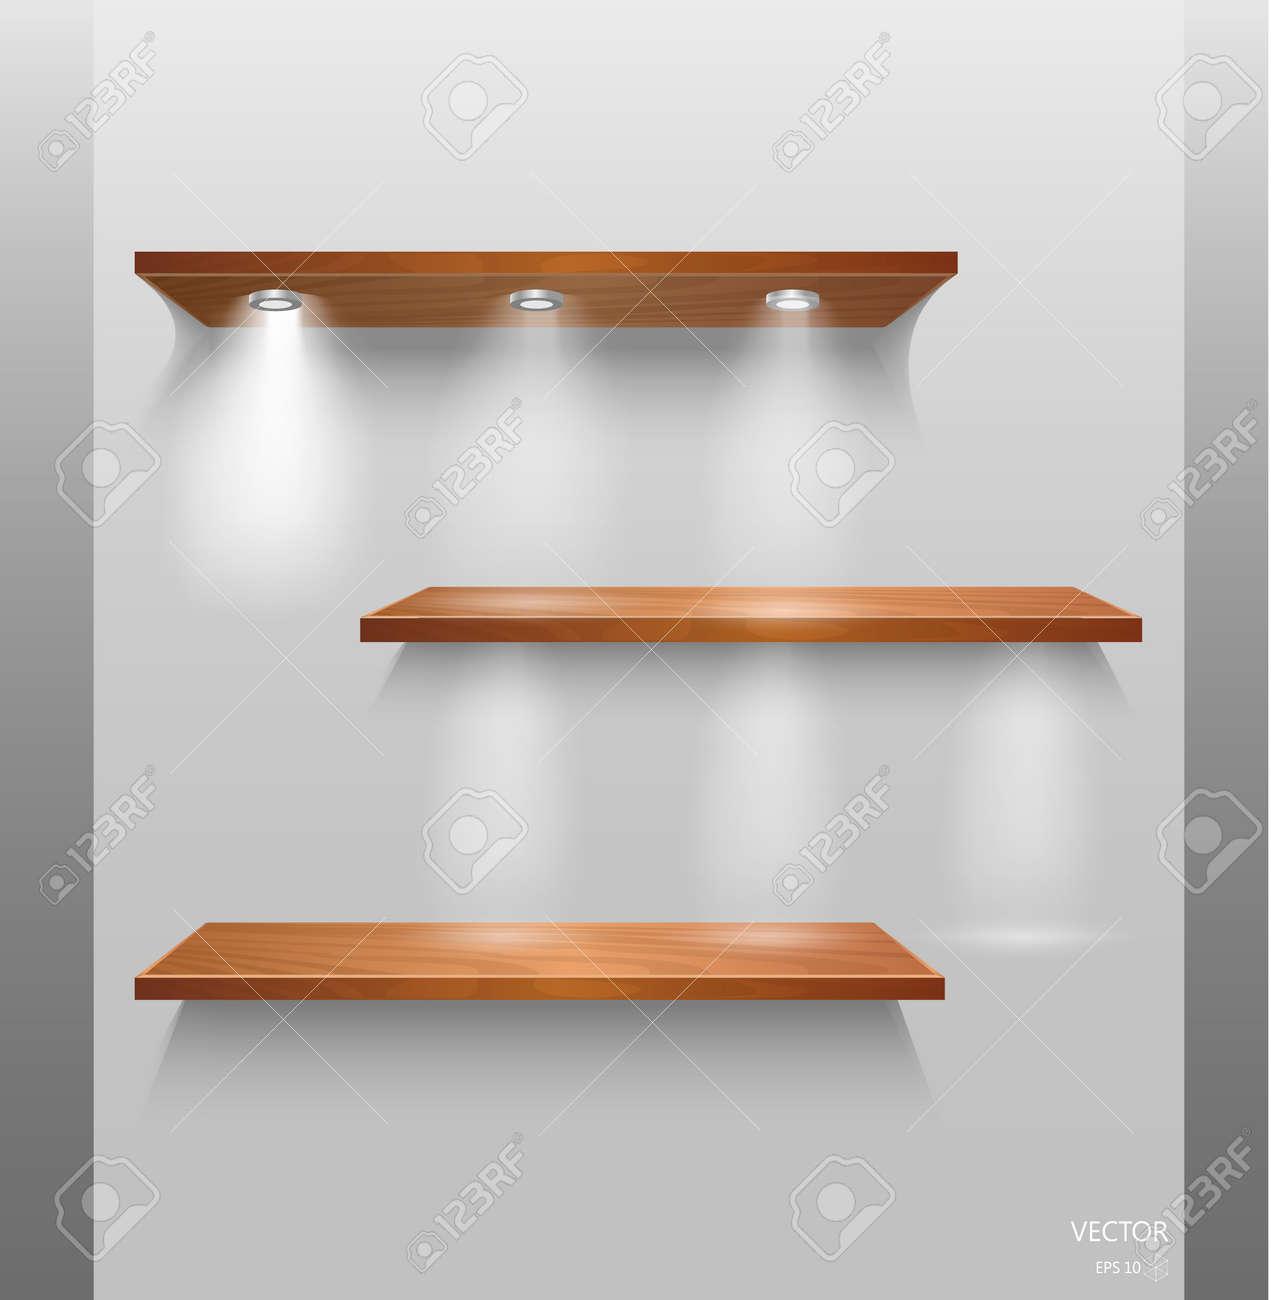 Houten Planken Aan De Muur.Vector Lege Houten Planken Geisoleerd Op Muur Achtergrond